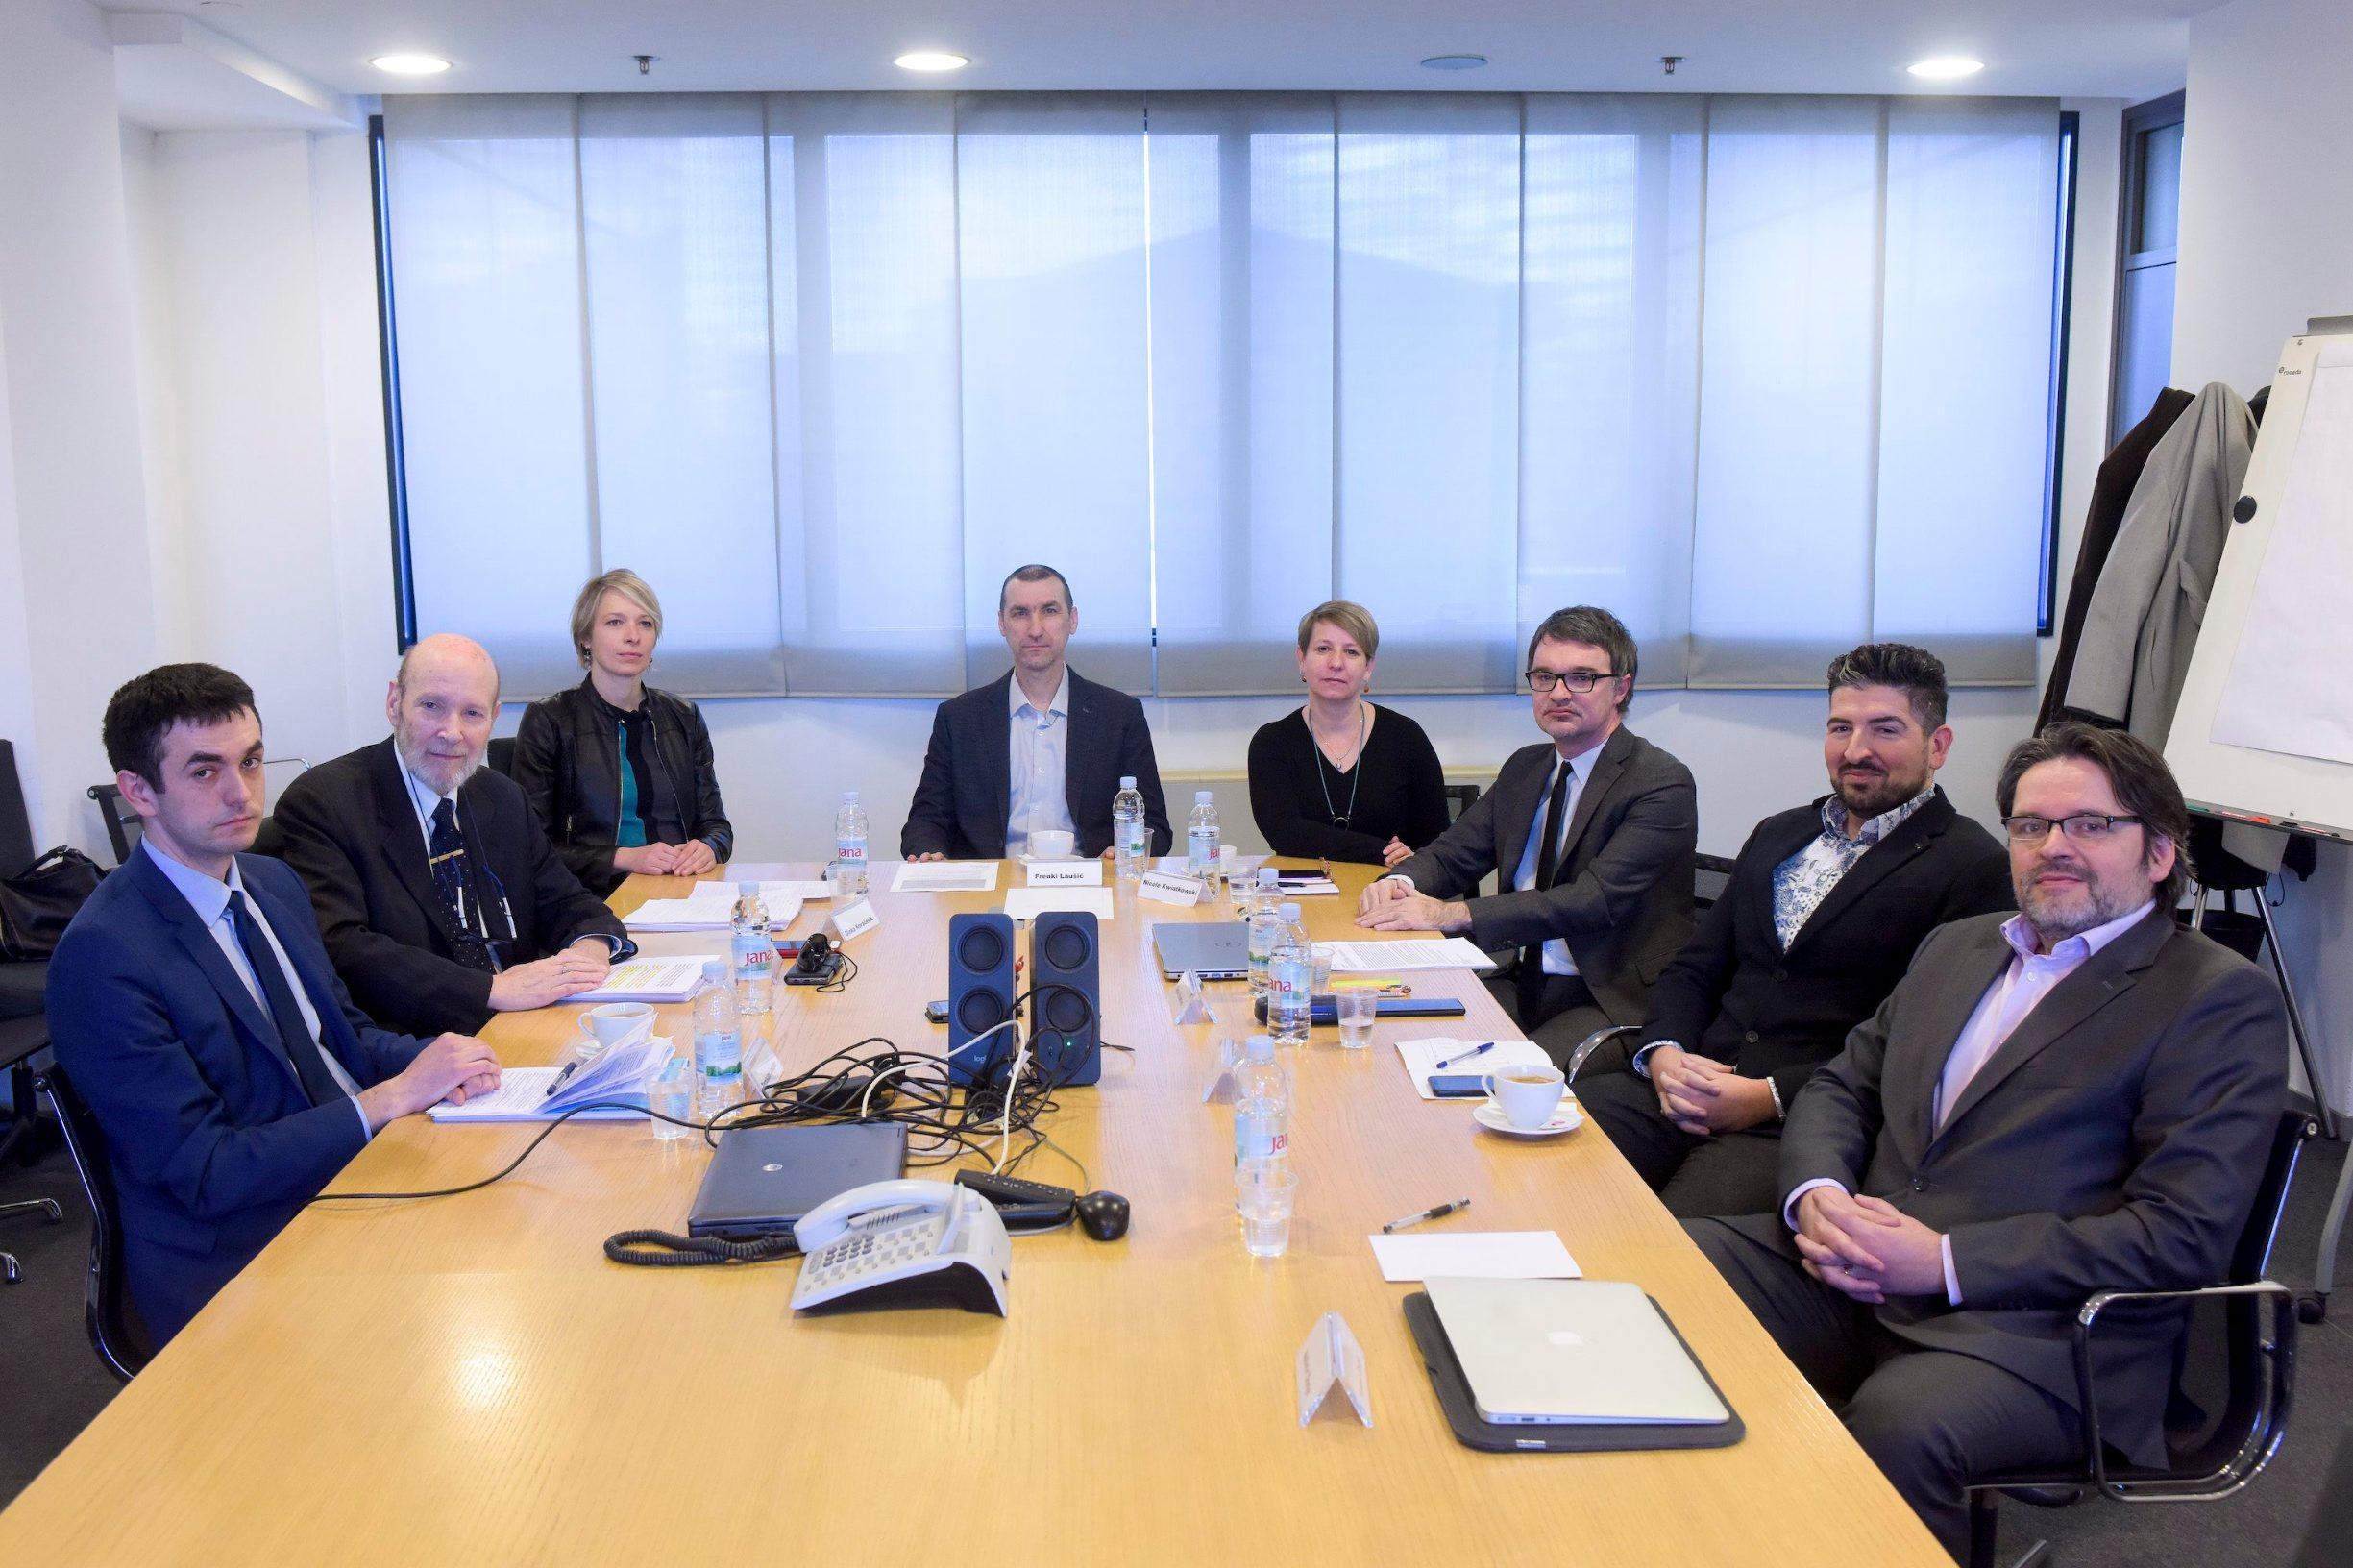 Okrugli stol o slučaju franak vodio je Frenki Laušić, a sudjelovali su Tomislav Jakšić, Dinka Kovačević, Nicole Kwiatowski, Srđan Kalebota, Tomislav Prpić i Velimir Šonje